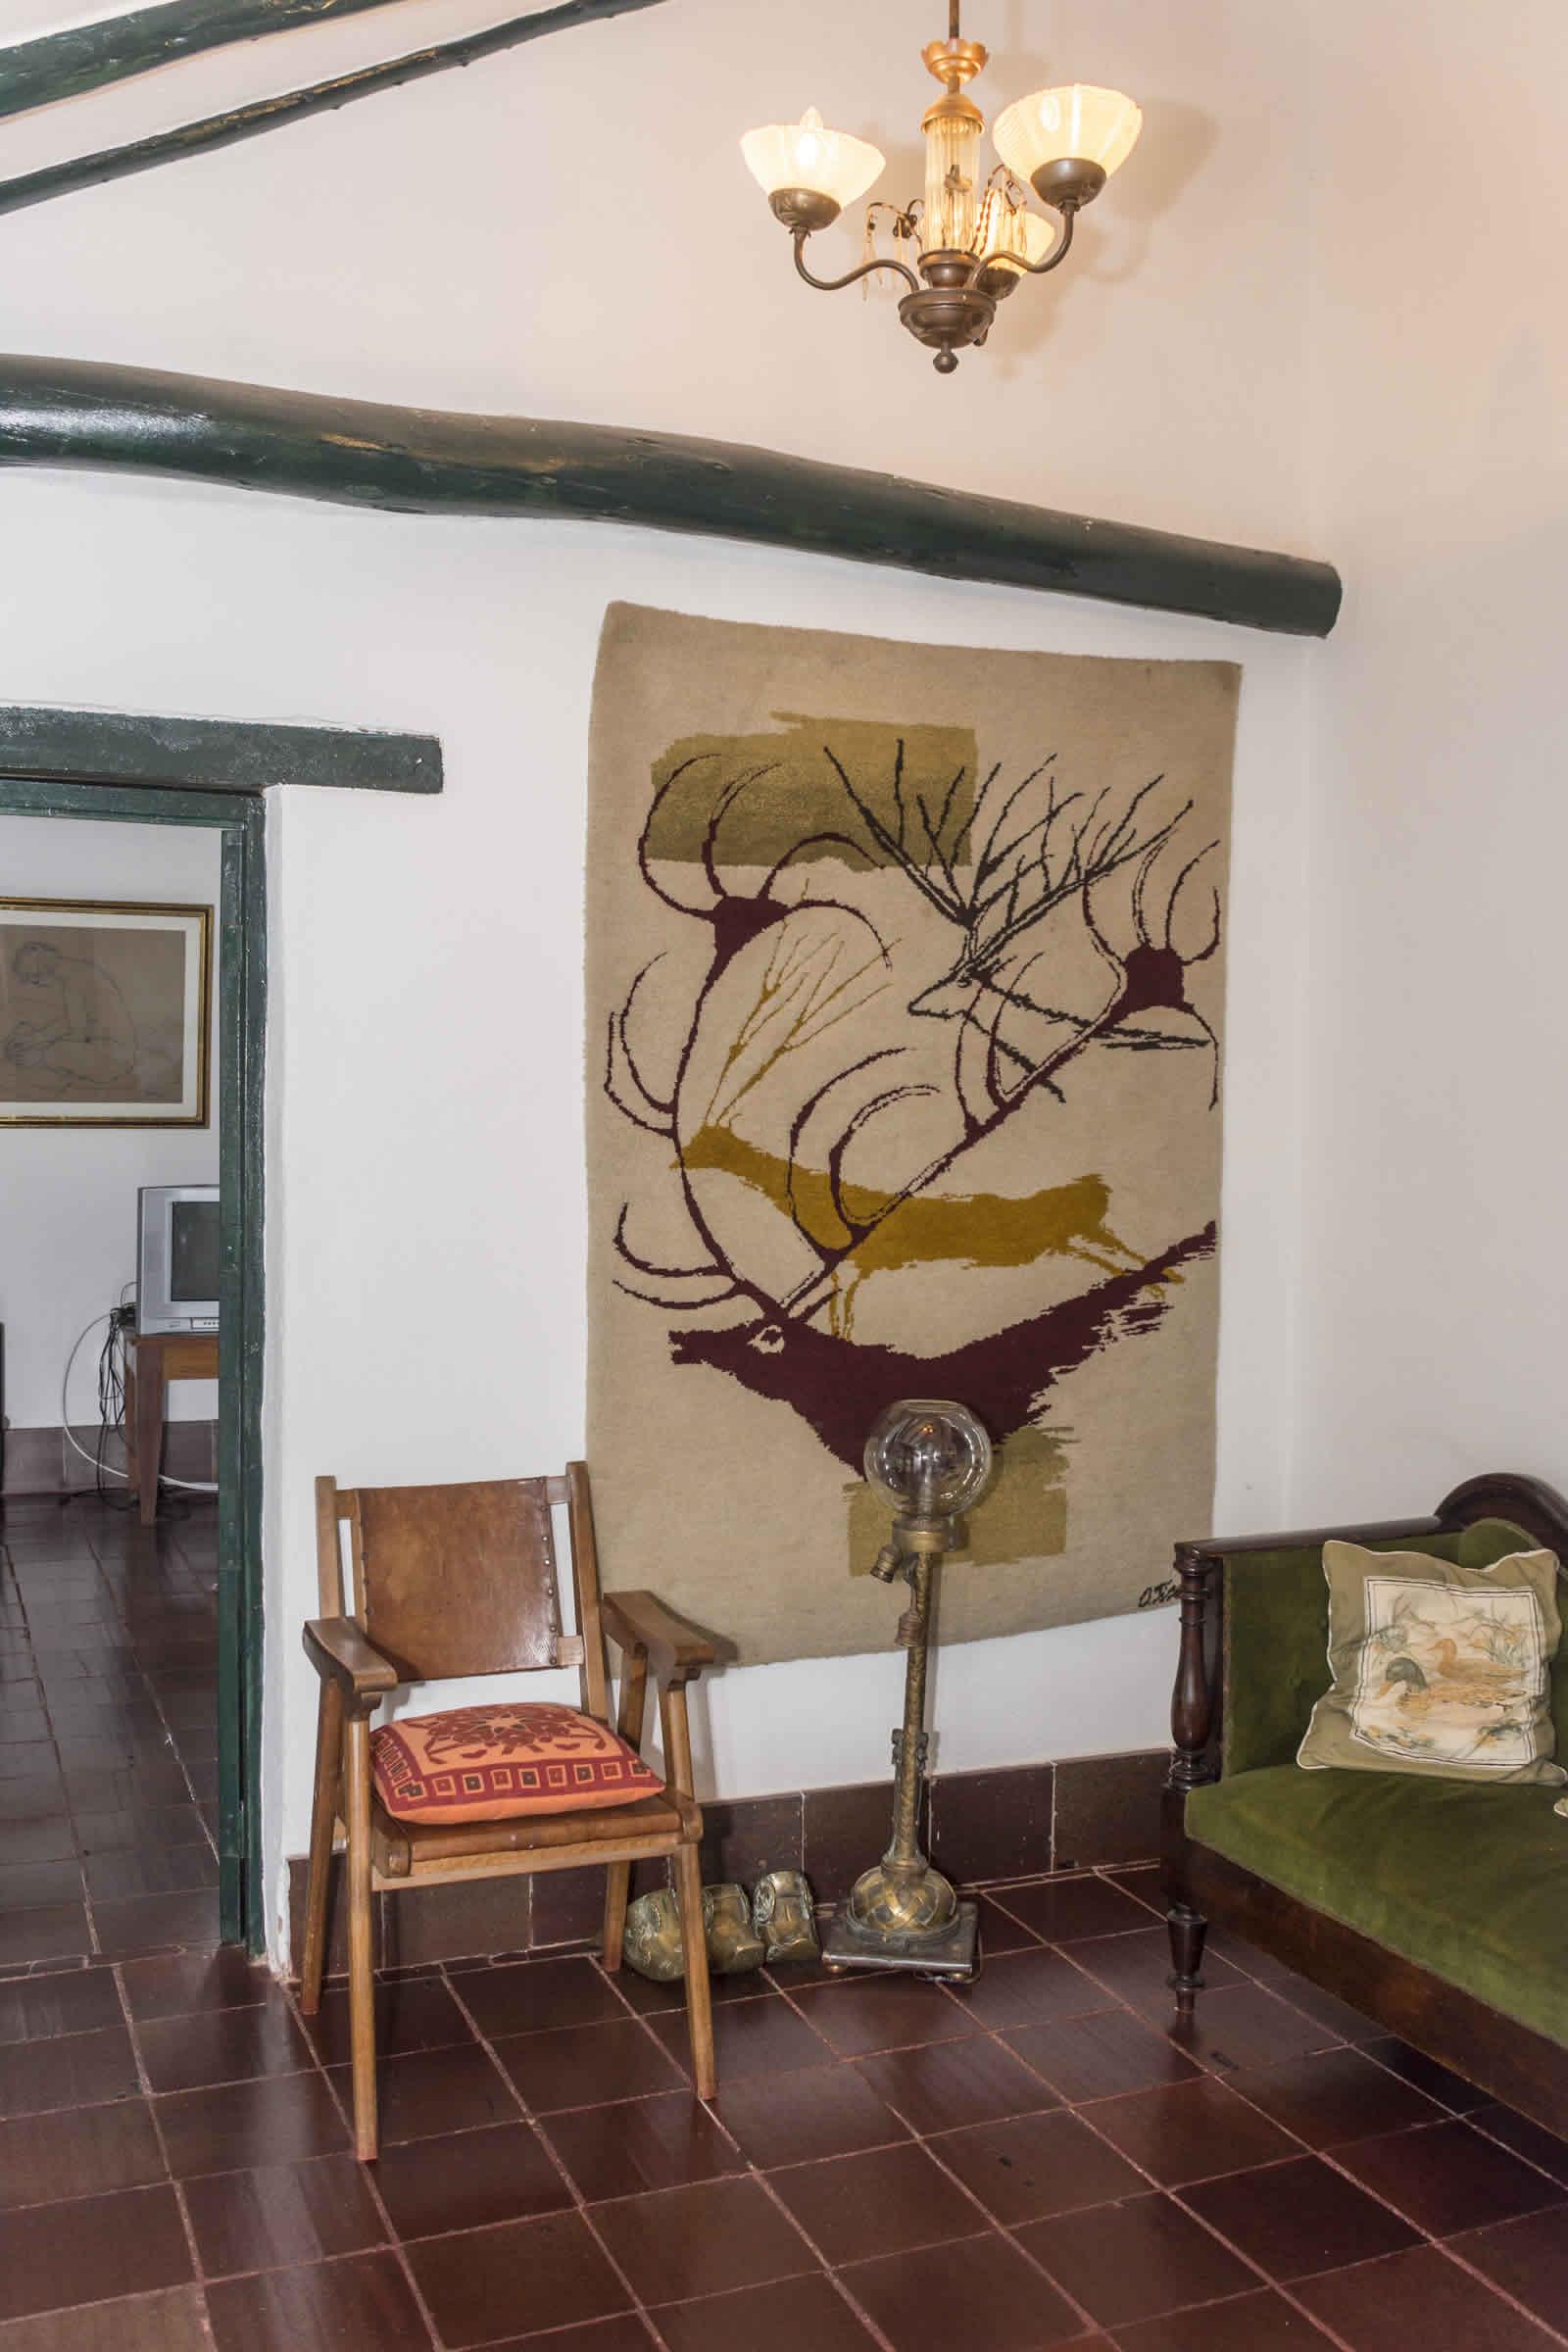 Alquiler casa Pozo Azul en Villa de Leyva - Salita